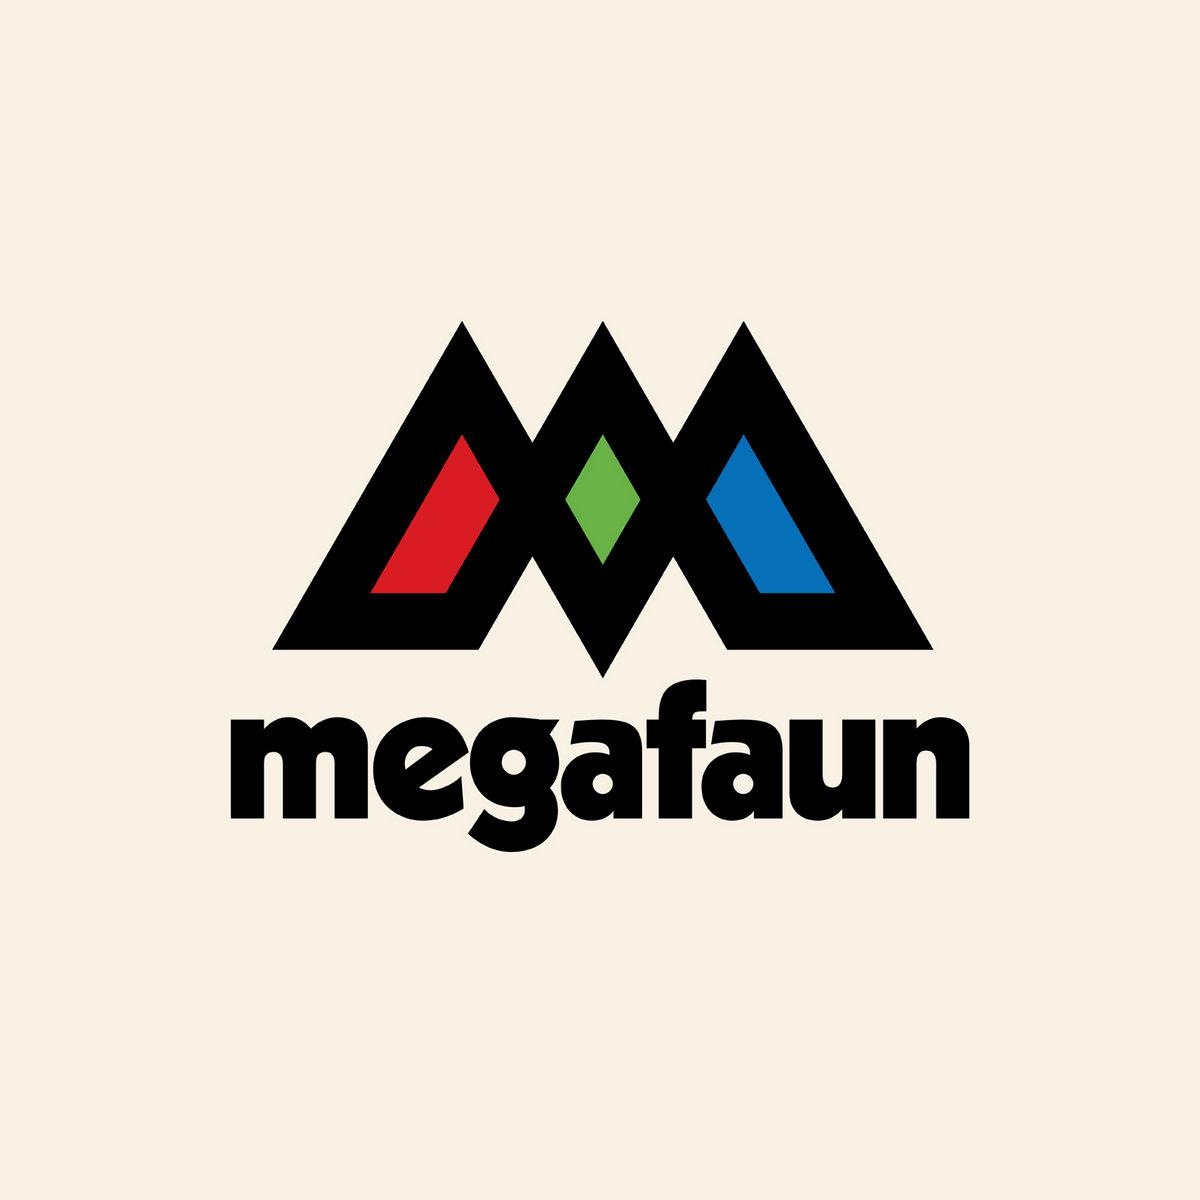 Megafaun, Megafaun